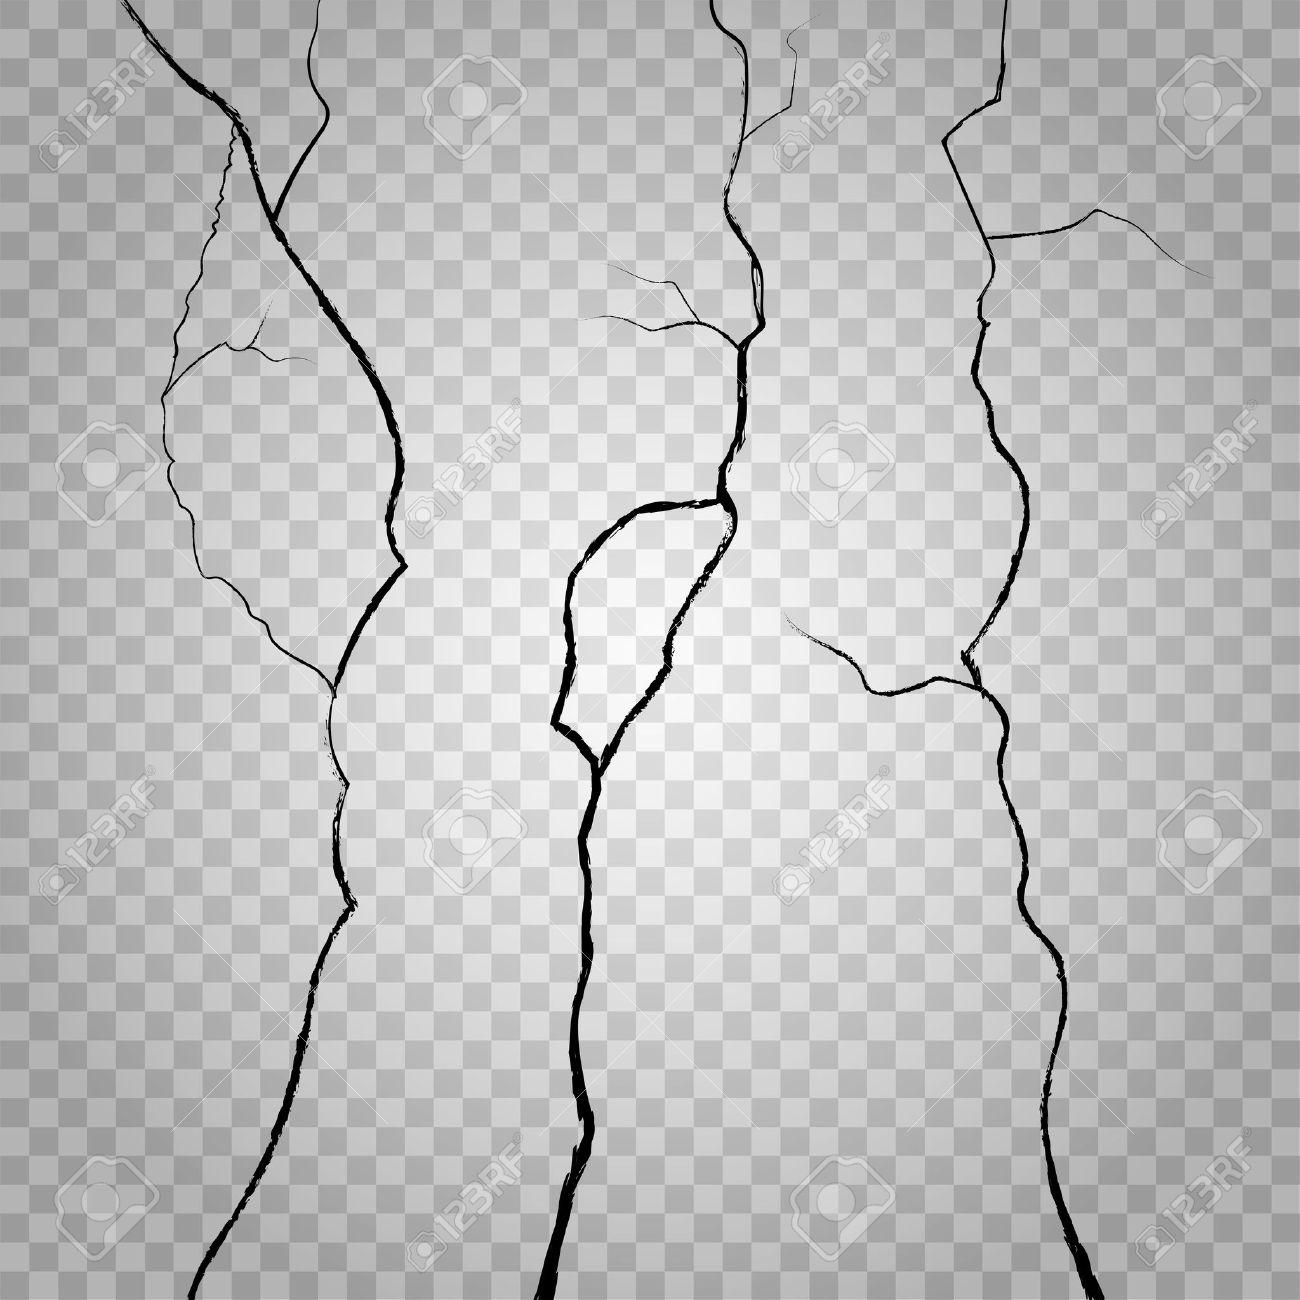 vector wand risse auf transparenten karierten hintergrund. knacken